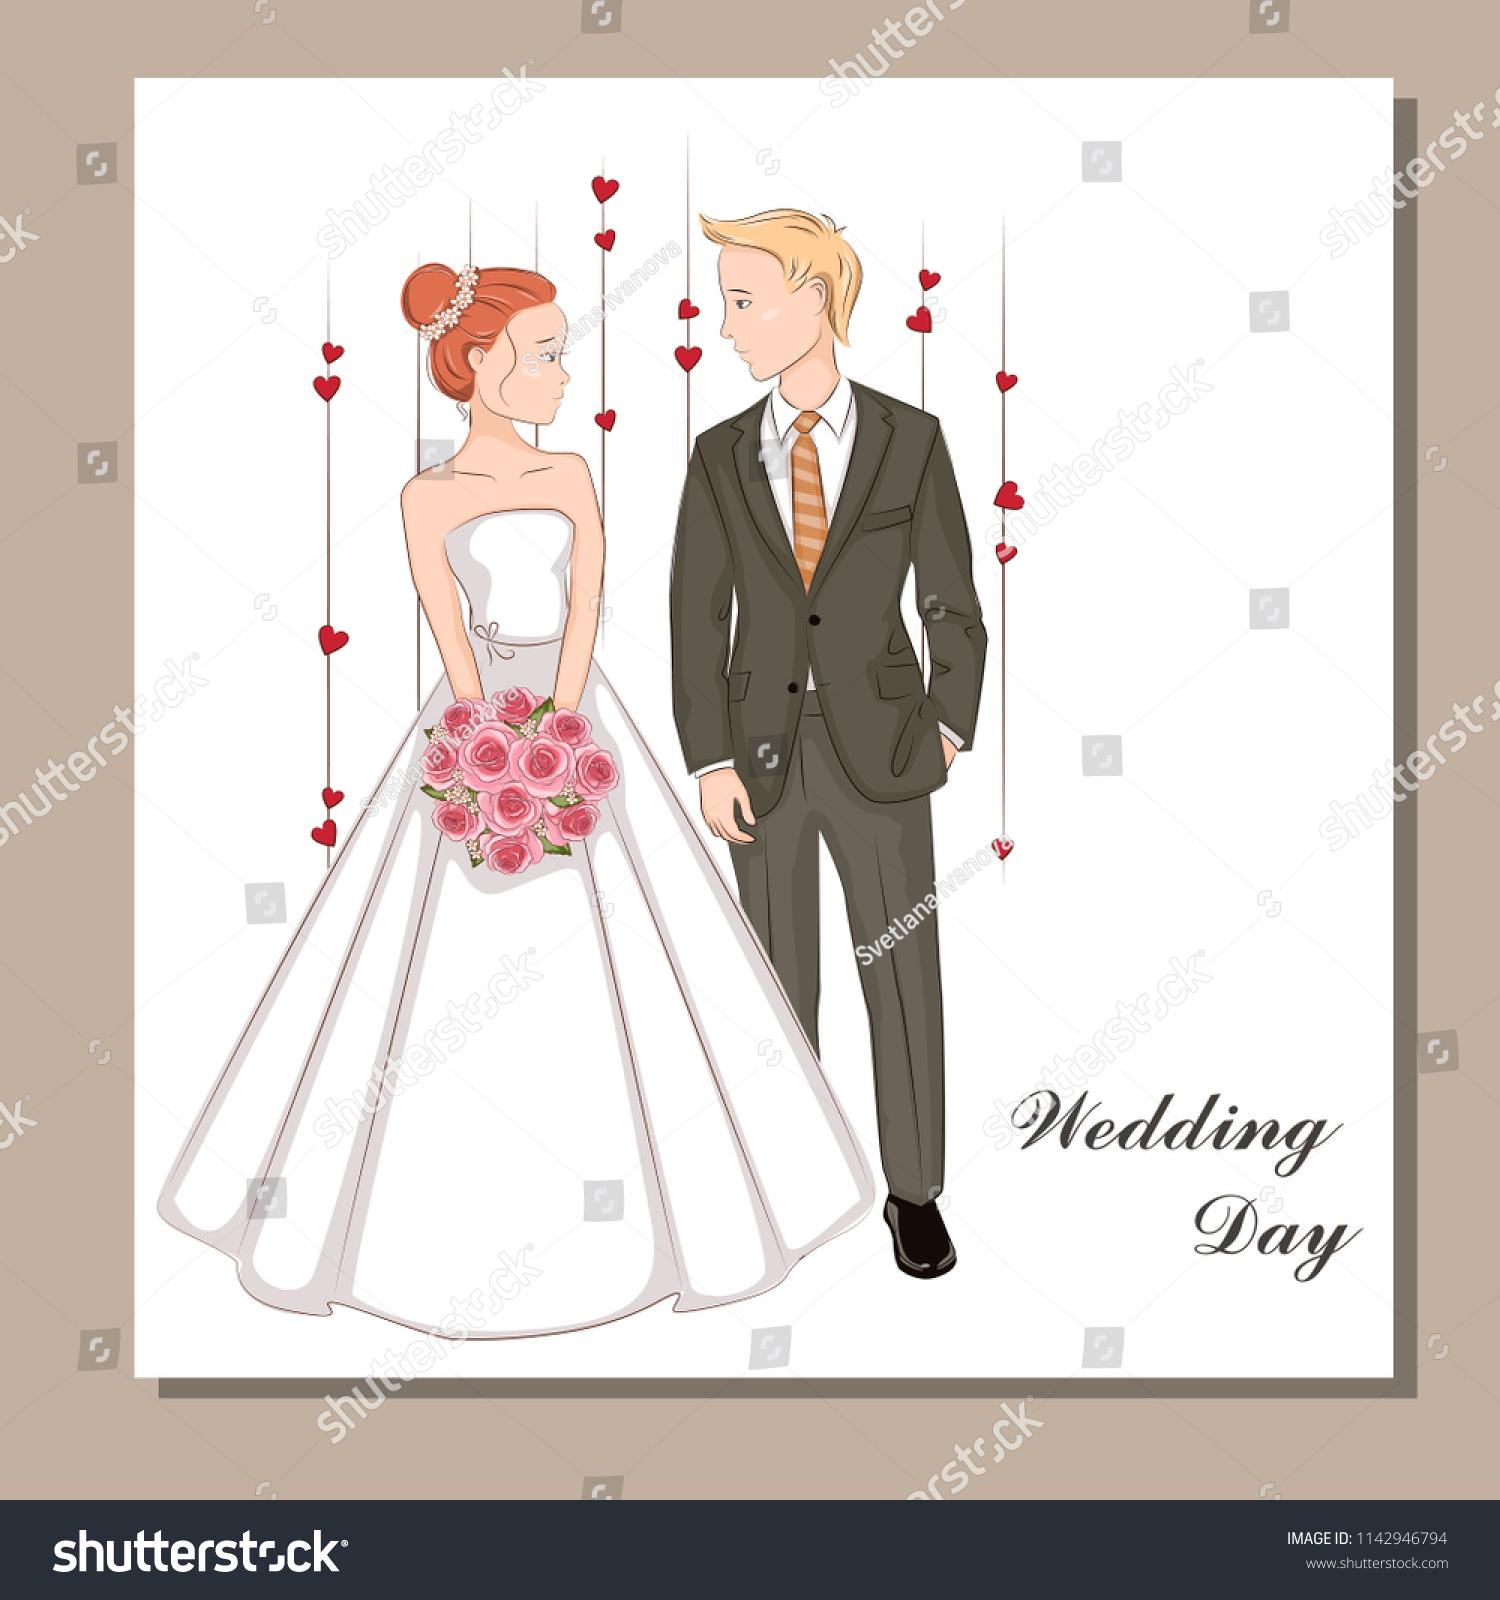 Wedding Invitation Bride Groom Stock Vector 1142946794 - Shutterstock